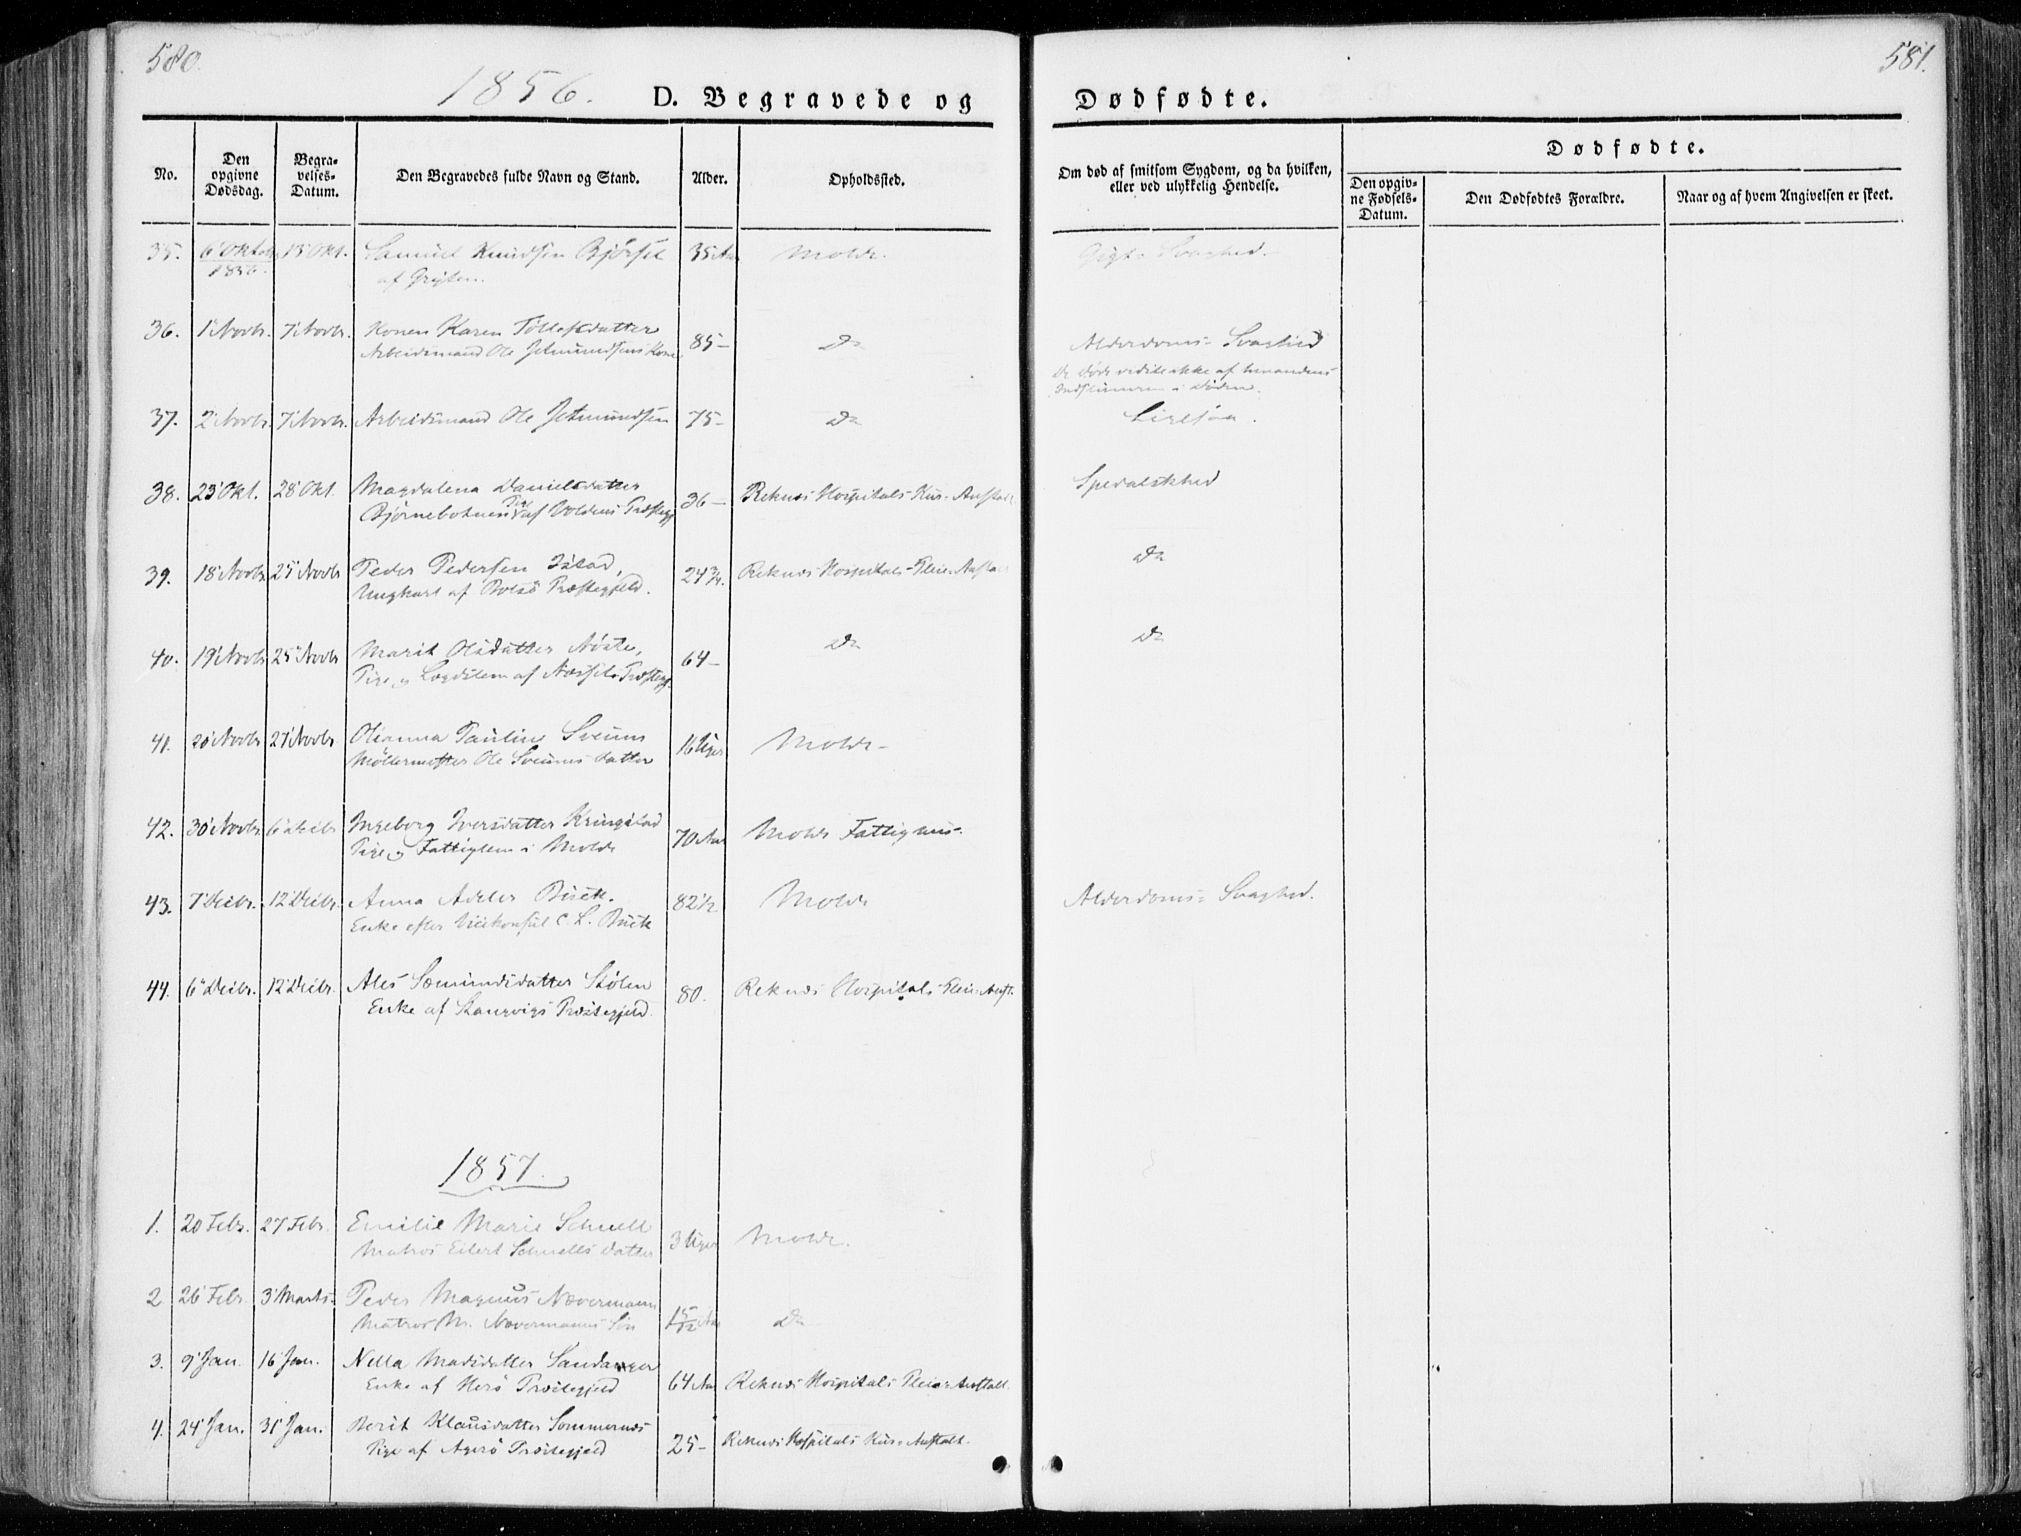 SAT, Ministerialprotokoller, klokkerbøker og fødselsregistre - Møre og Romsdal, 558/L0689: Ministerialbok nr. 558A03, 1843-1872, s. 580-581